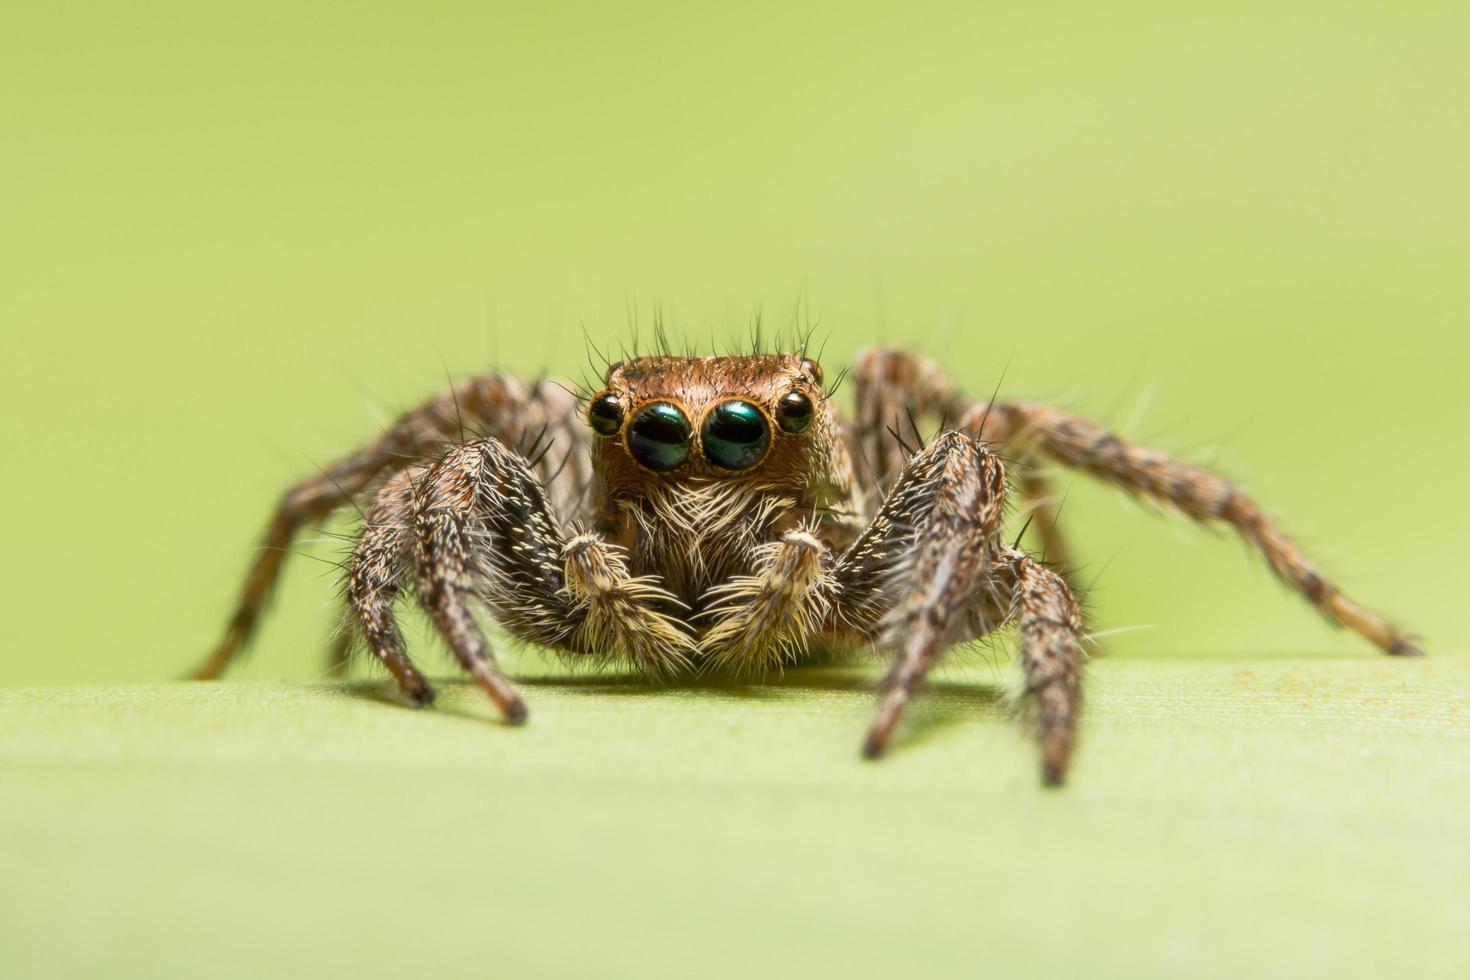 Spinnenwanderung auf grünem Hintergrund foto